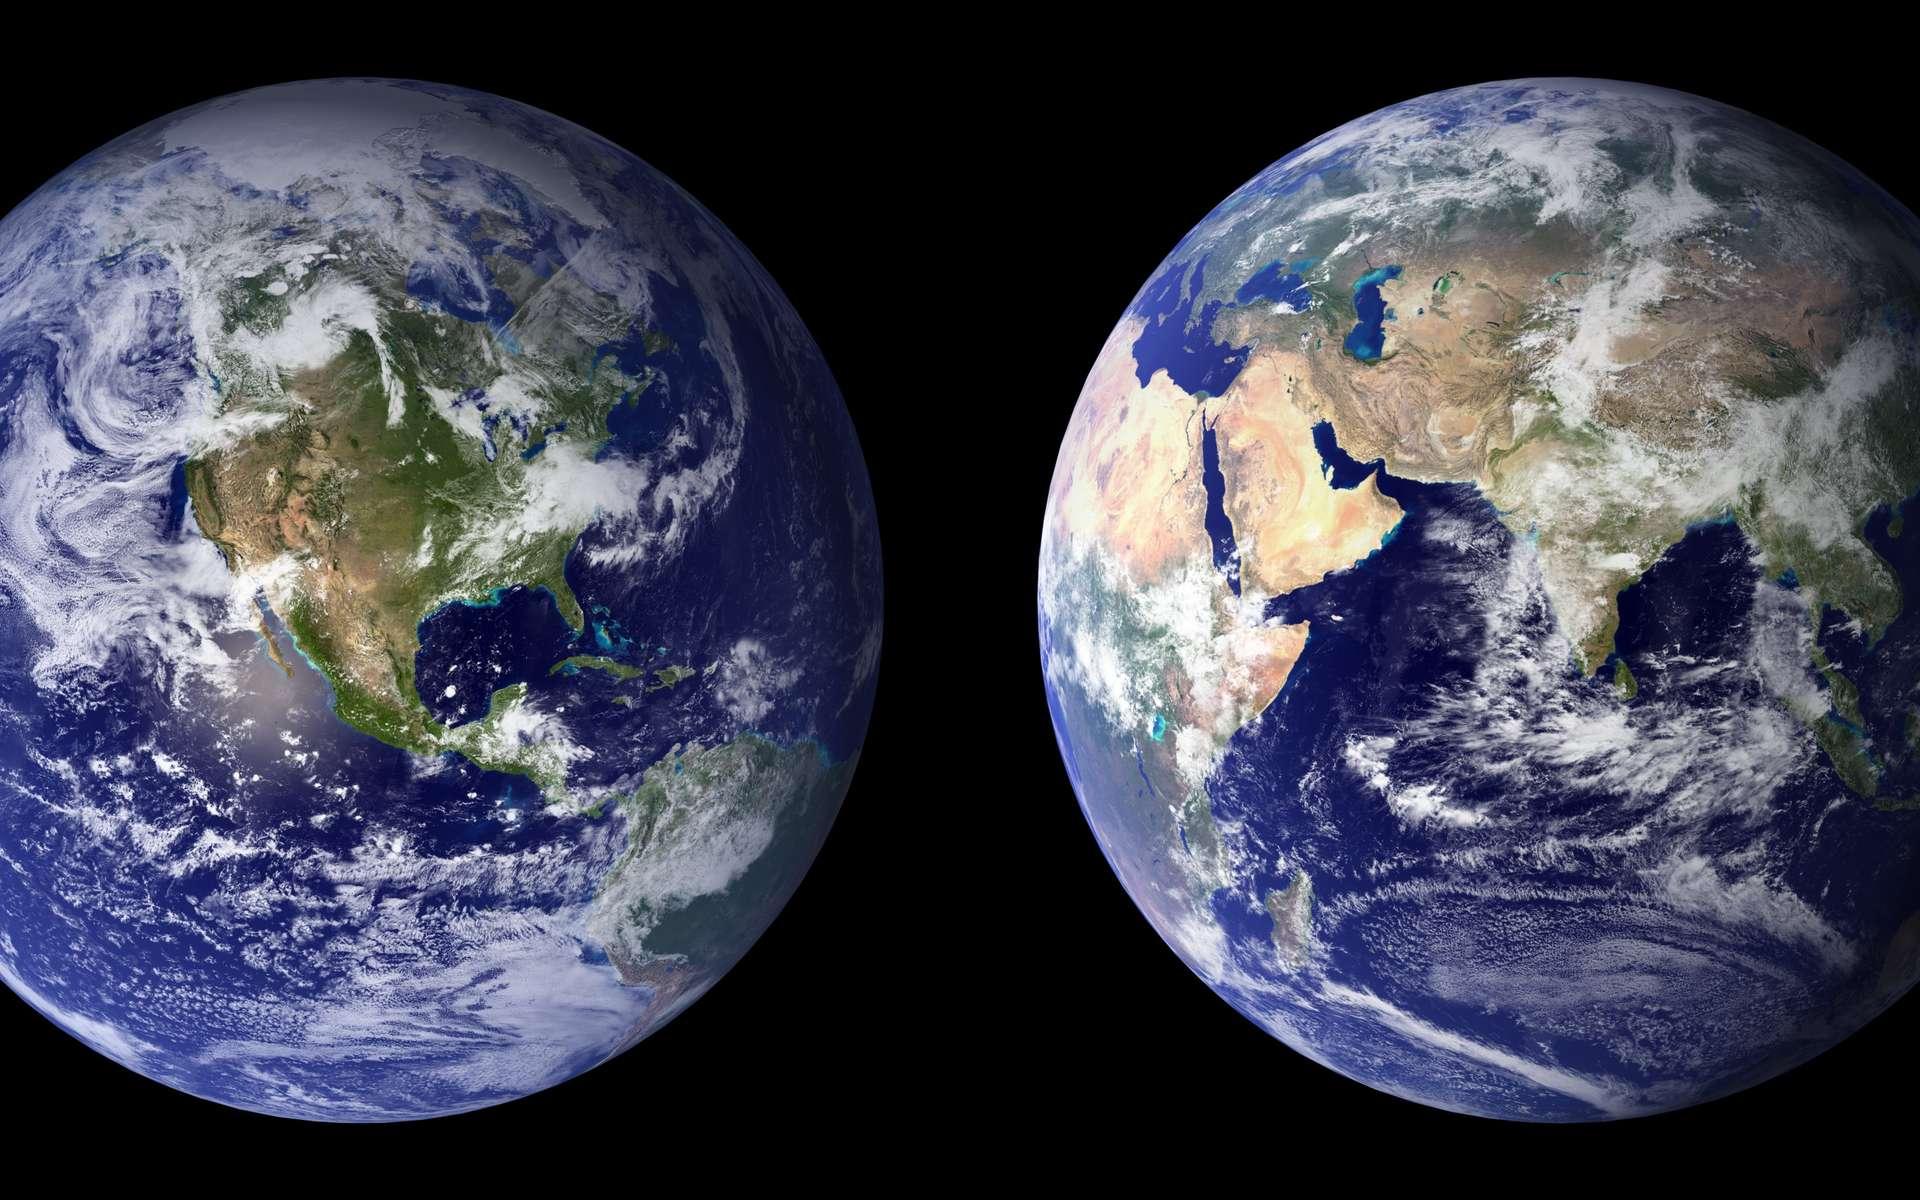 Vue de l'espace, la planète Terre apparaît essentiellement bleue. Différents phénomènes physiques entrent en jeu. © Nasa, Wikimedia Commons, DP